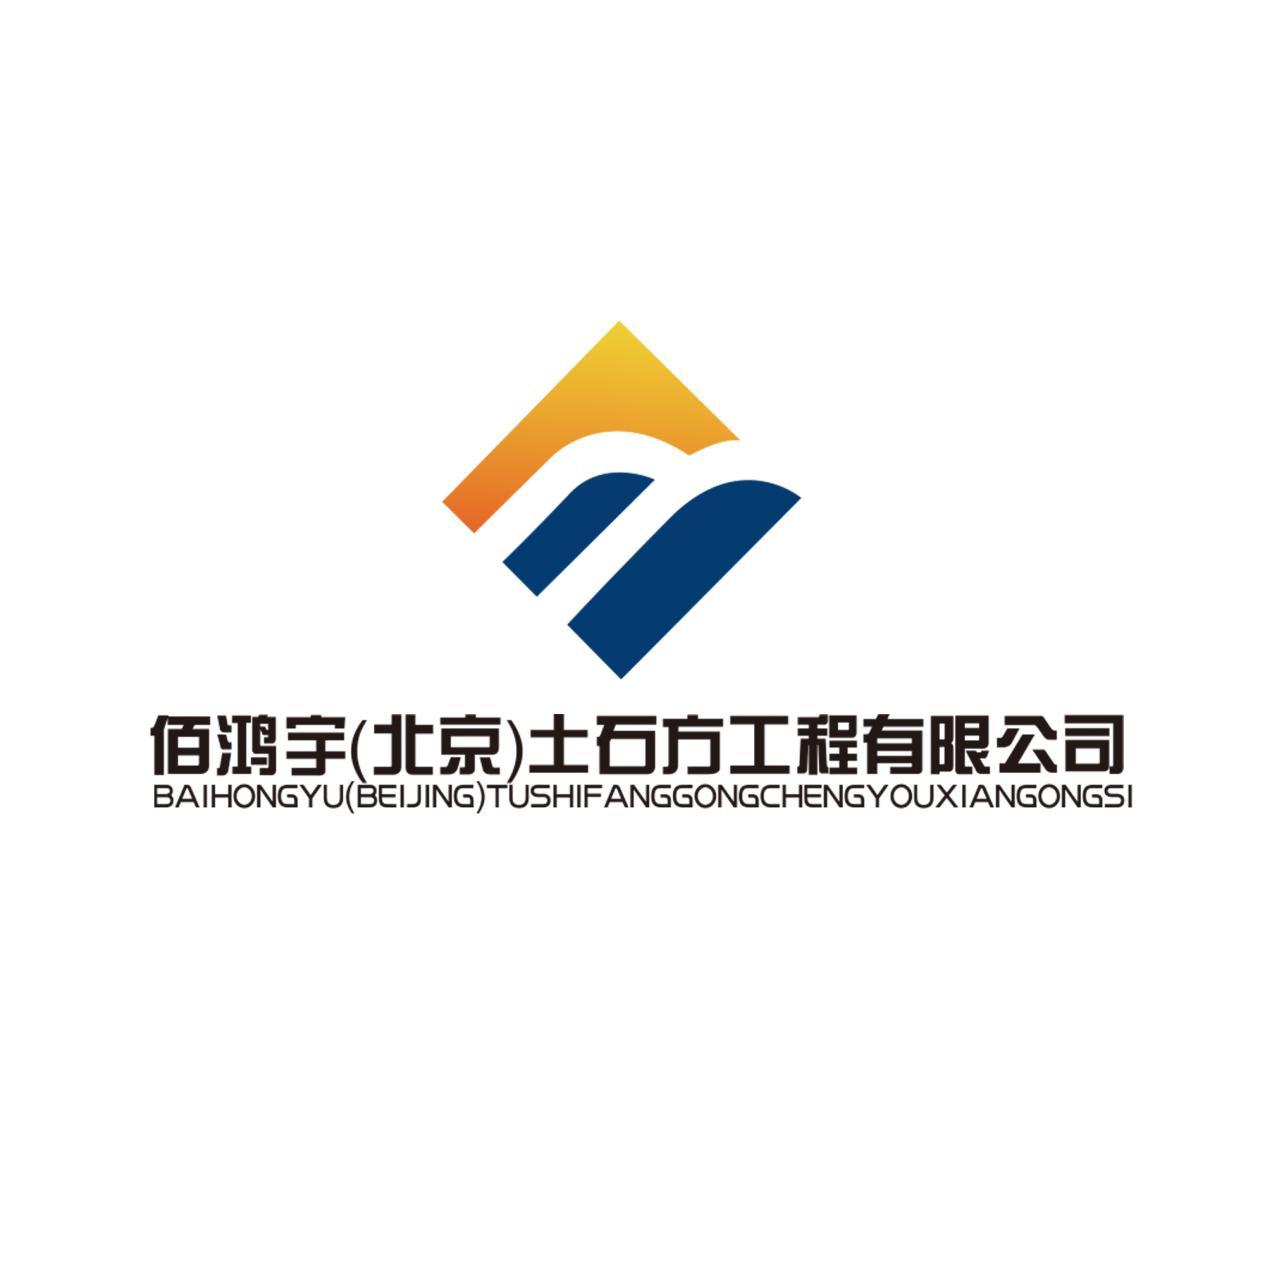 新年伊始 纳川推出全新加盟品牌——佰鸿宇(北京)土石方工程有限公司